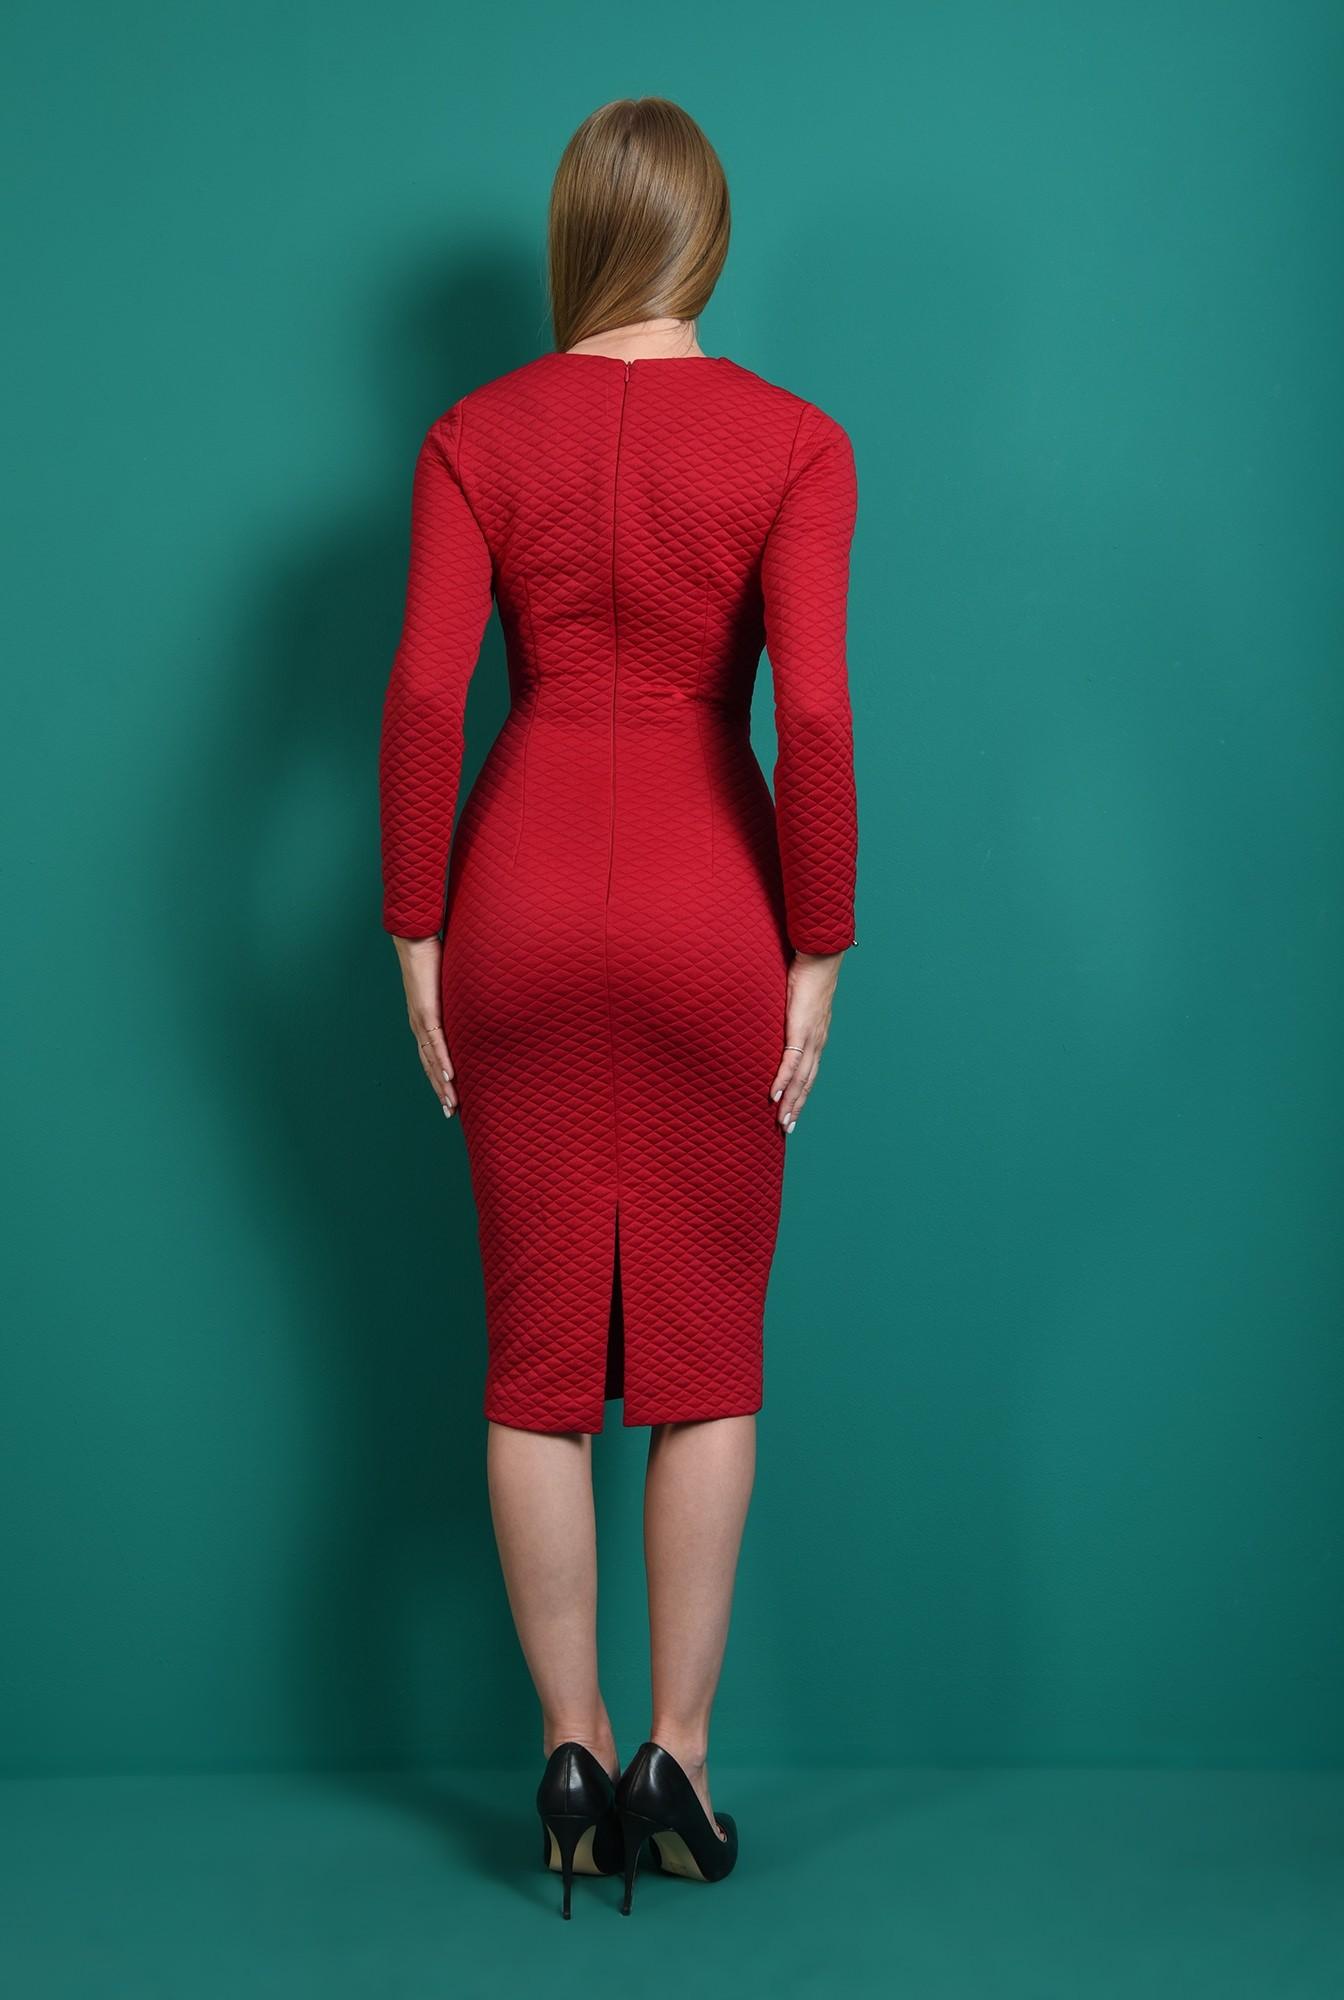 2 - rochie cu textura matlasata, cu decolteu rotund